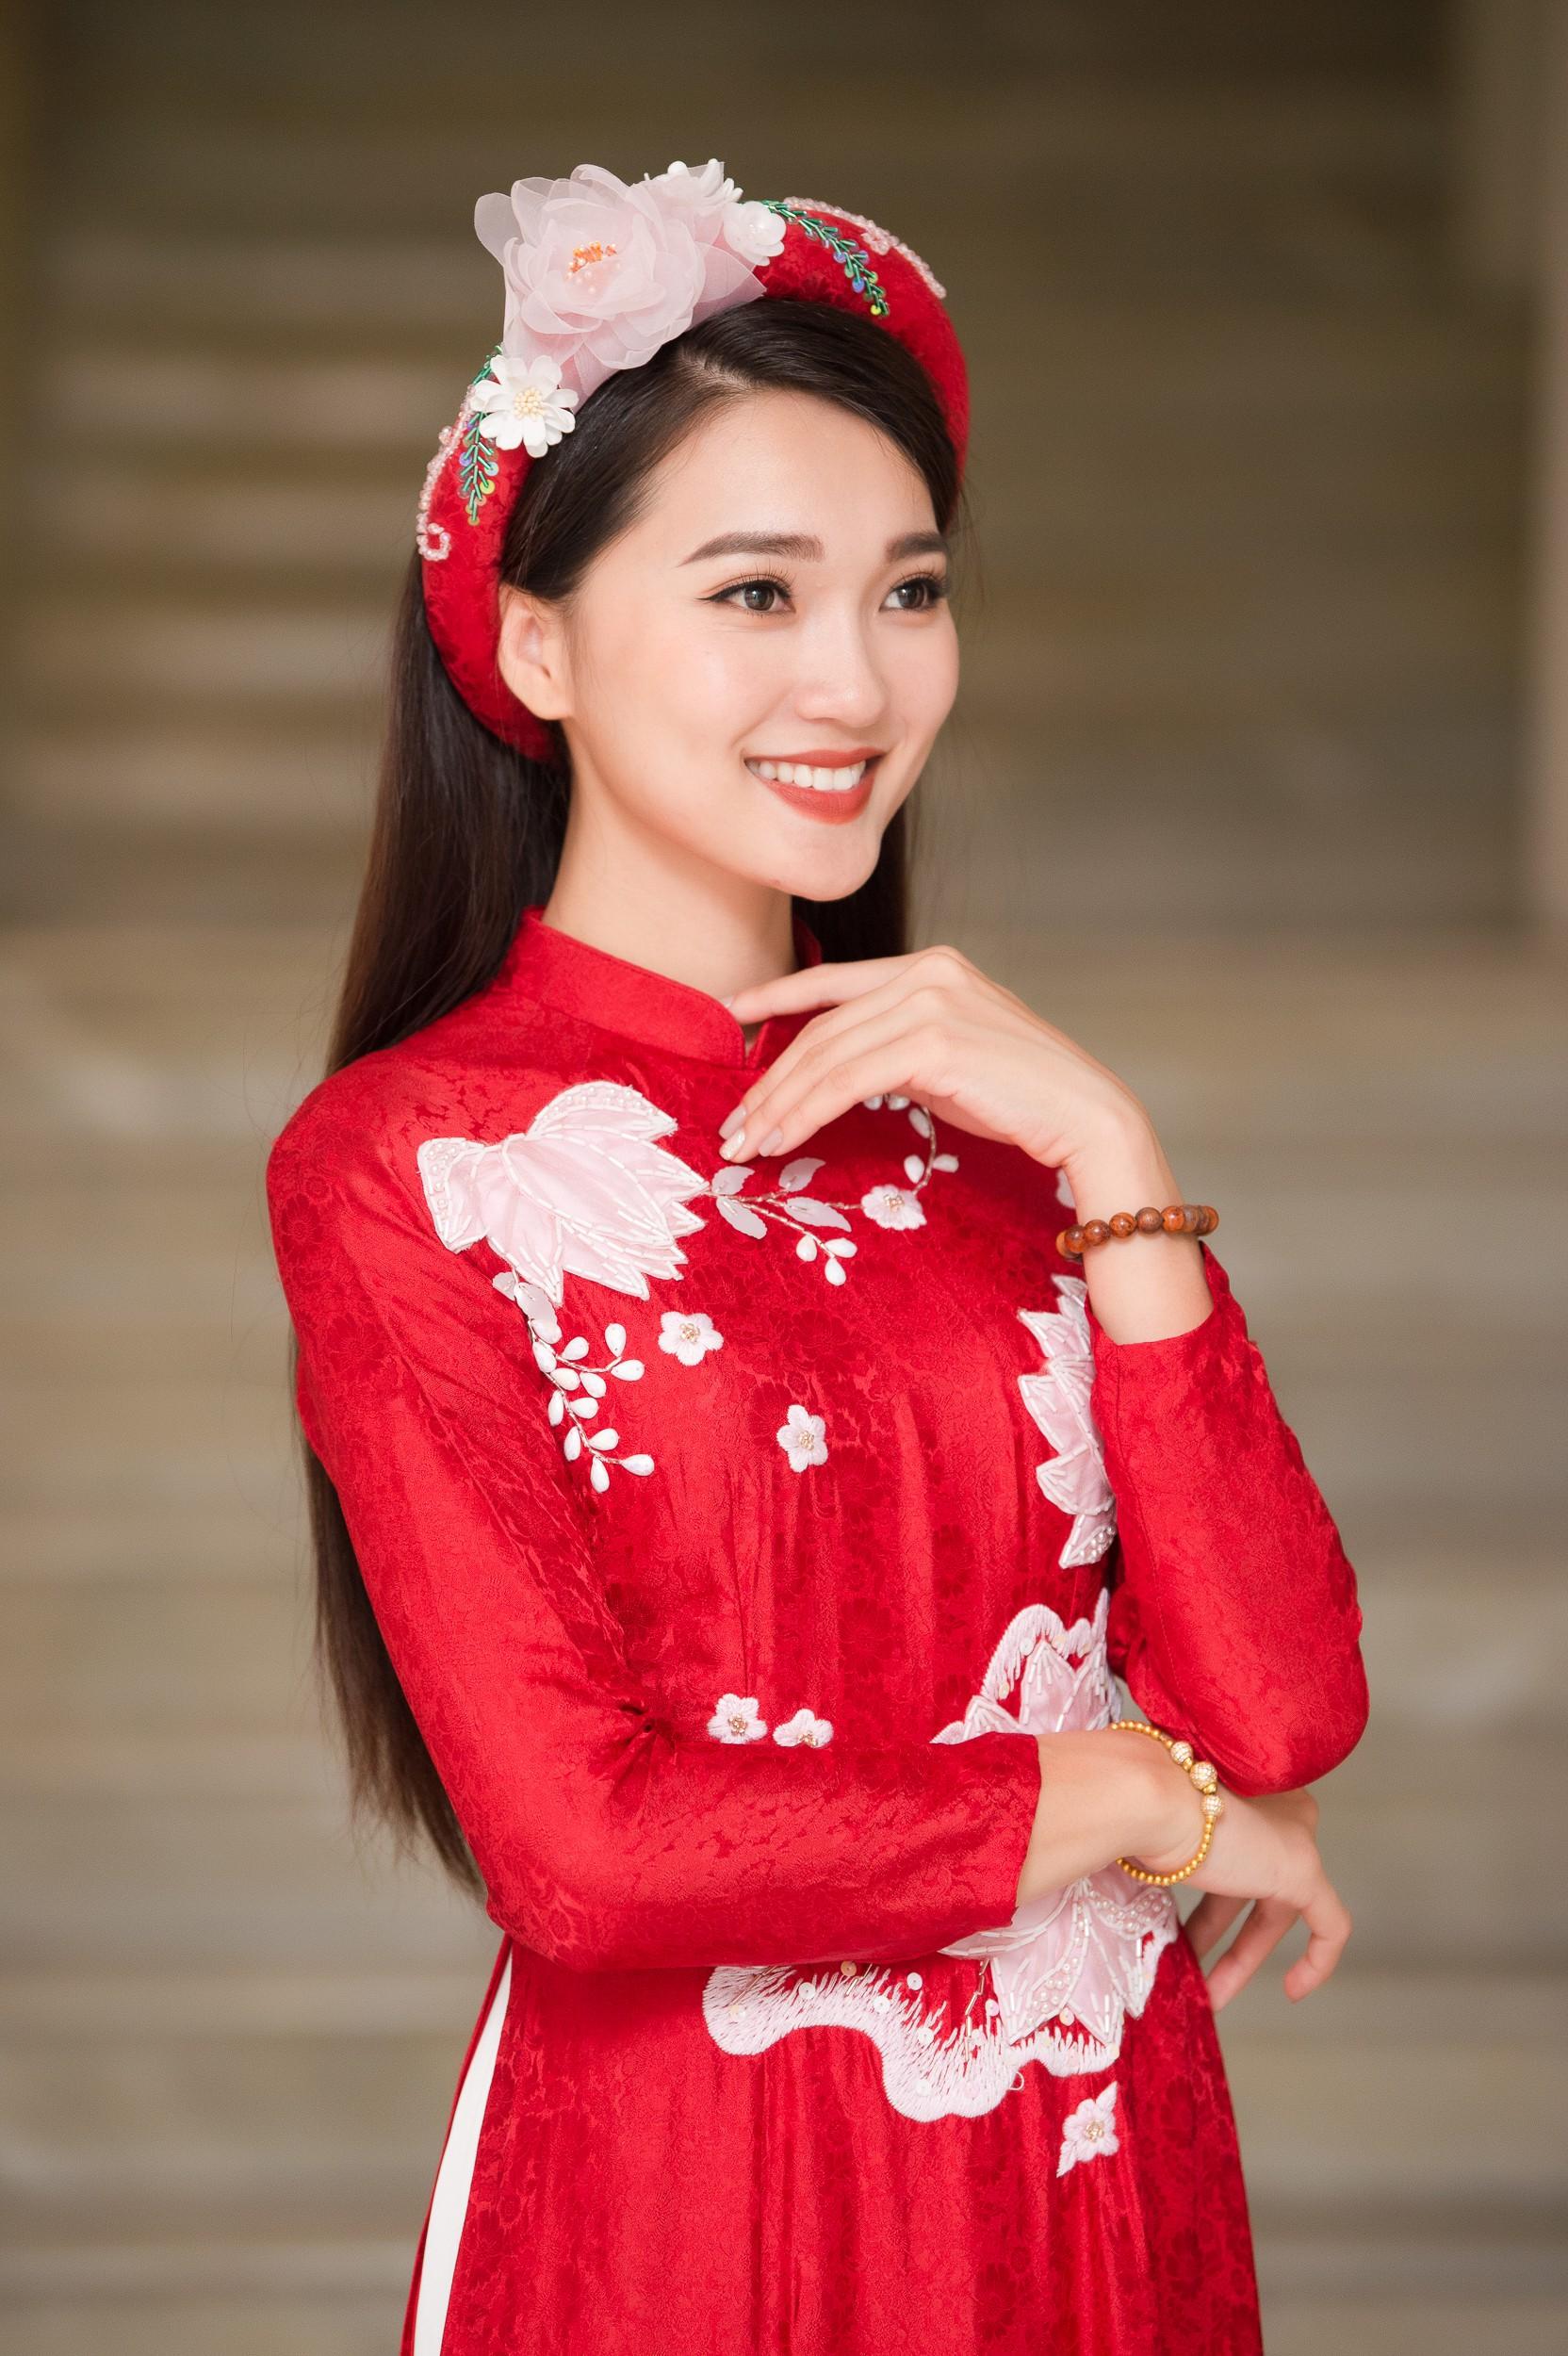 Phương Nga diện áo dài nền nã, thân thiết khi đụng độ bạn gái màn ảnh của Bình An - Ảnh 7.